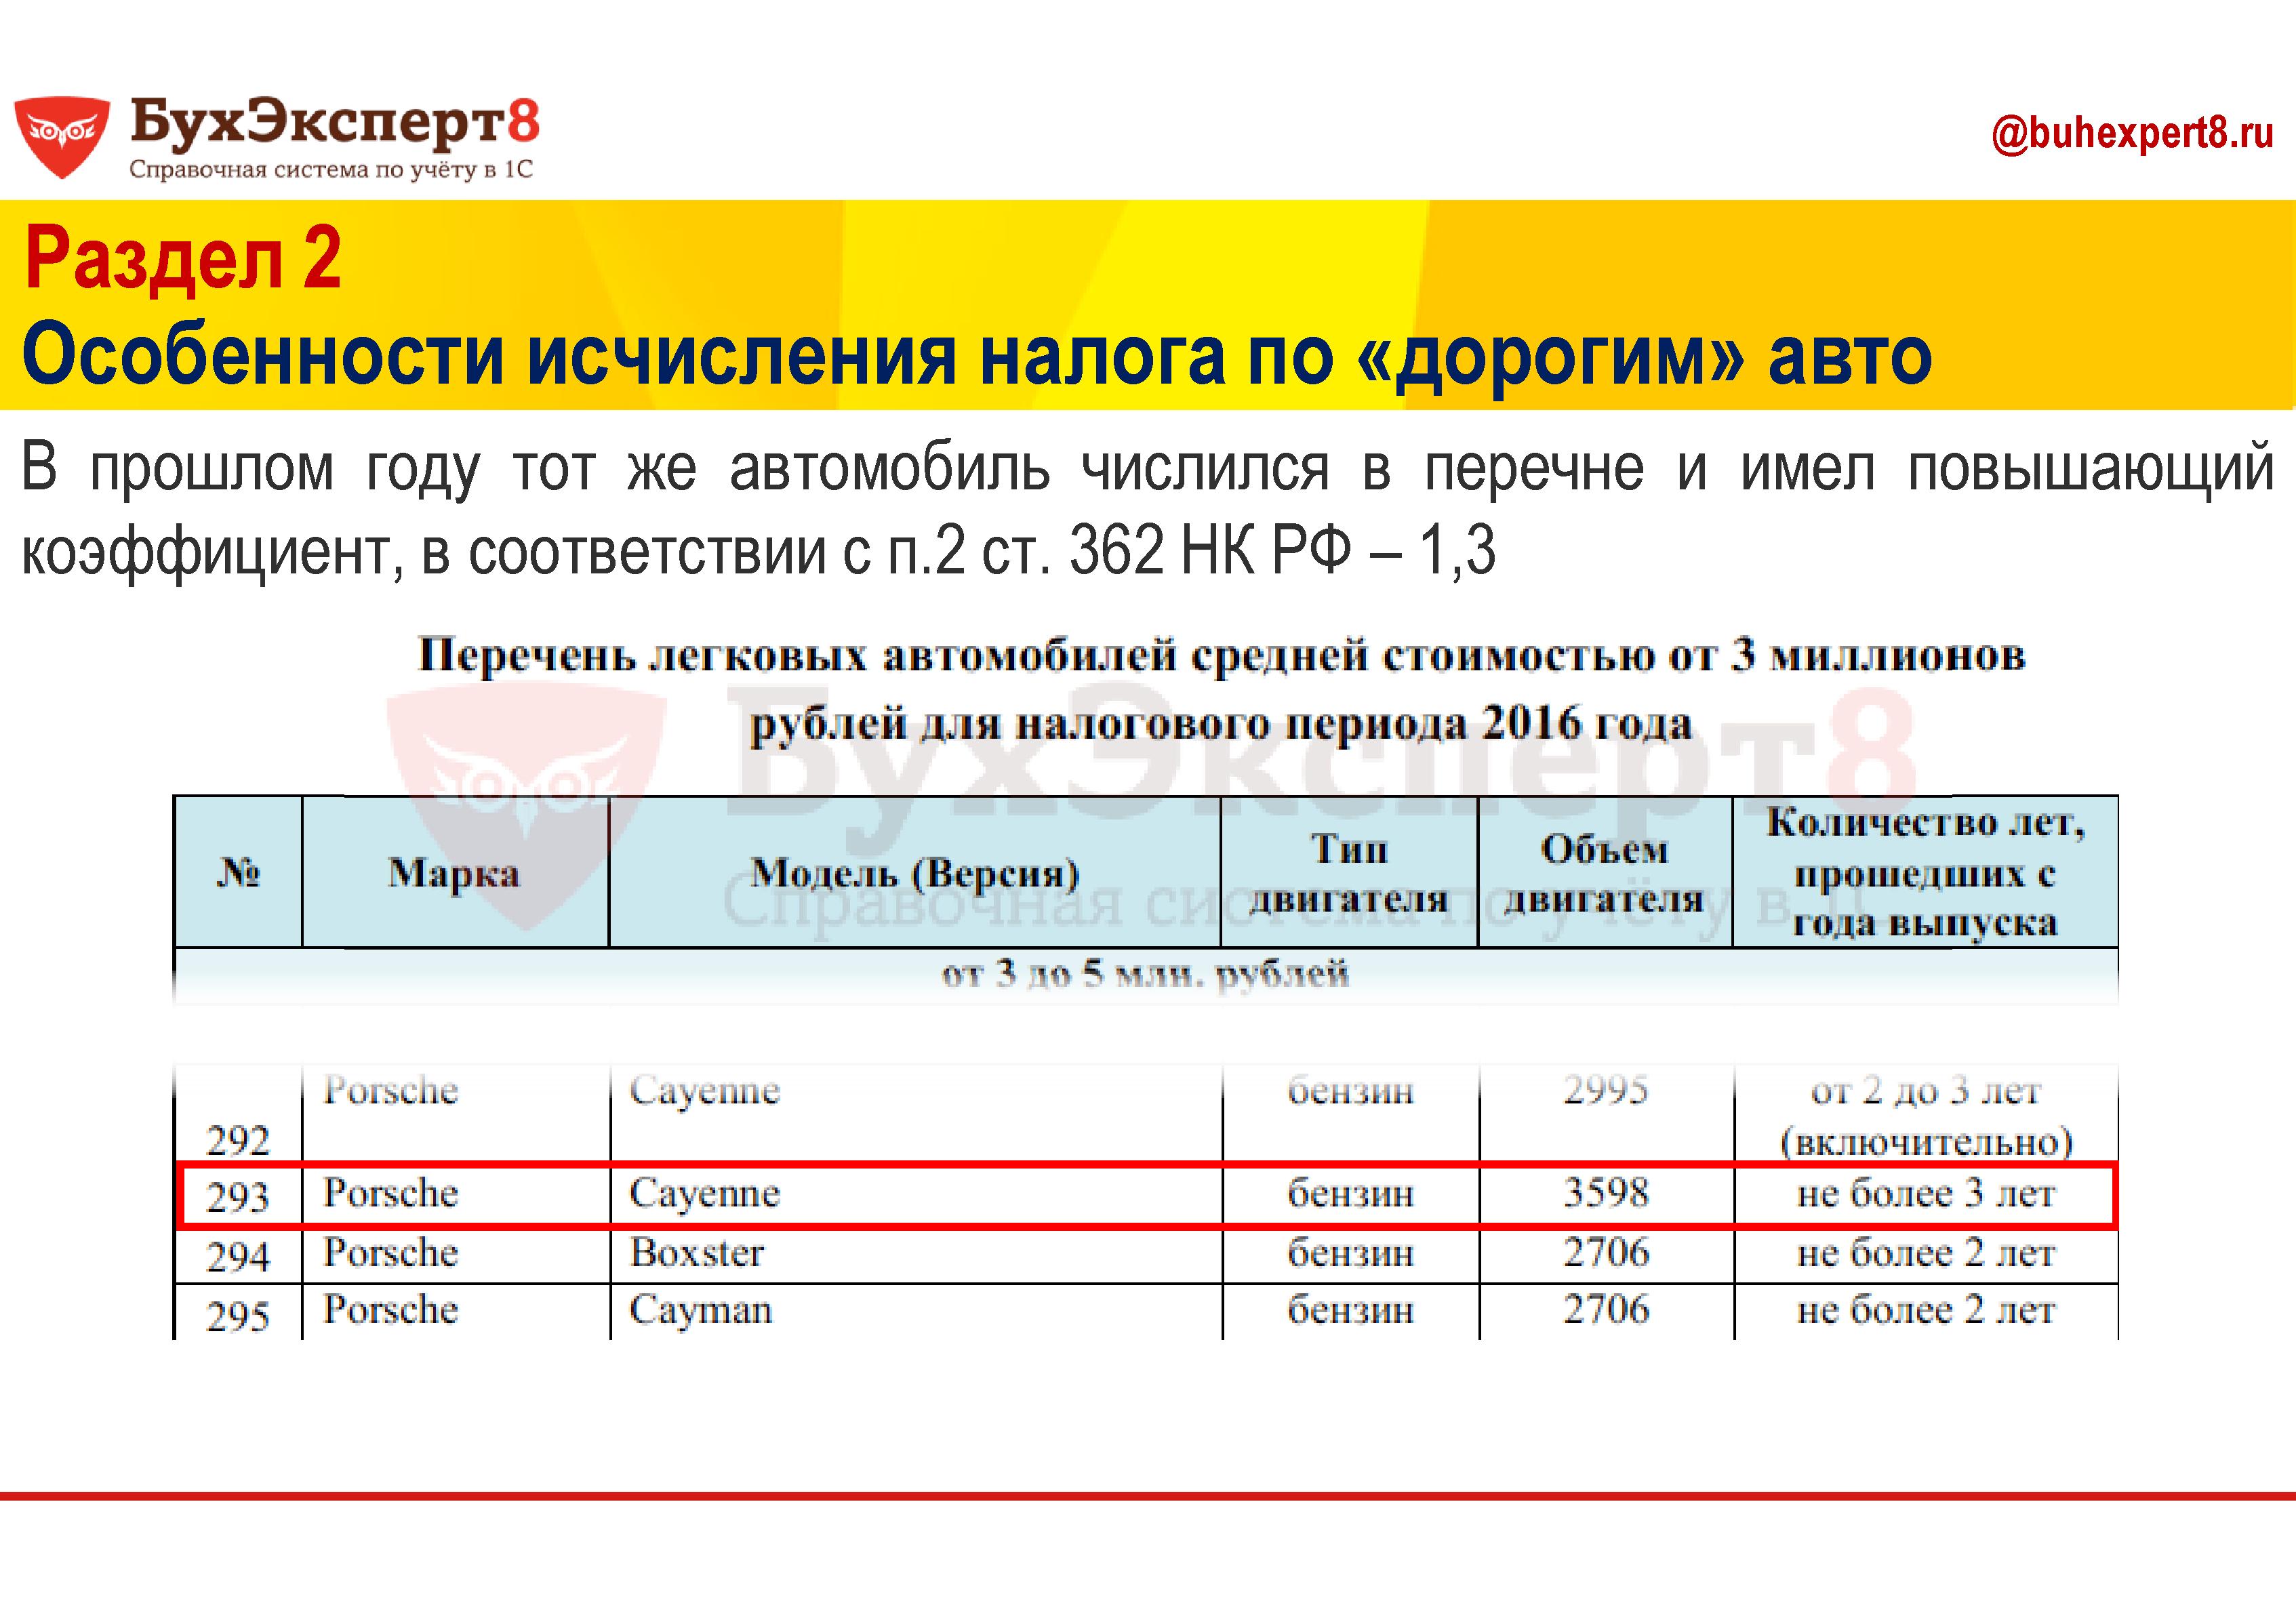 Раздел 2 Особенности исчисления налога по «дорогим» авто В прошлом году тот же автомобиль числился в перечне и имел повышающий коэффициент, в соответствии с п.2 ст. 362 НК РФ – 1,3